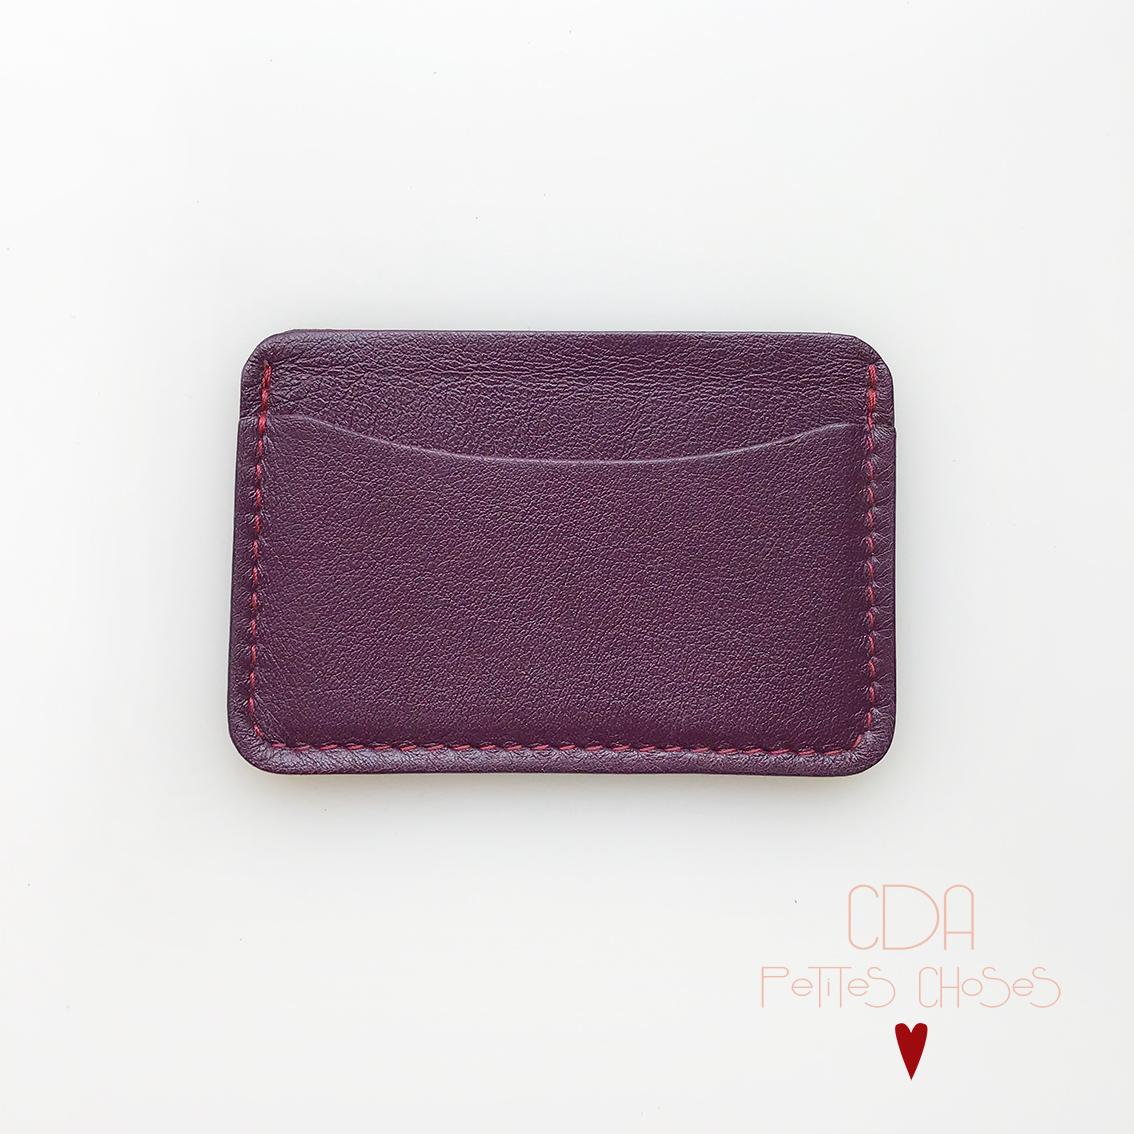 porte-carte-double-en-cuir-violet-fonce-1 CDA Petites Choses